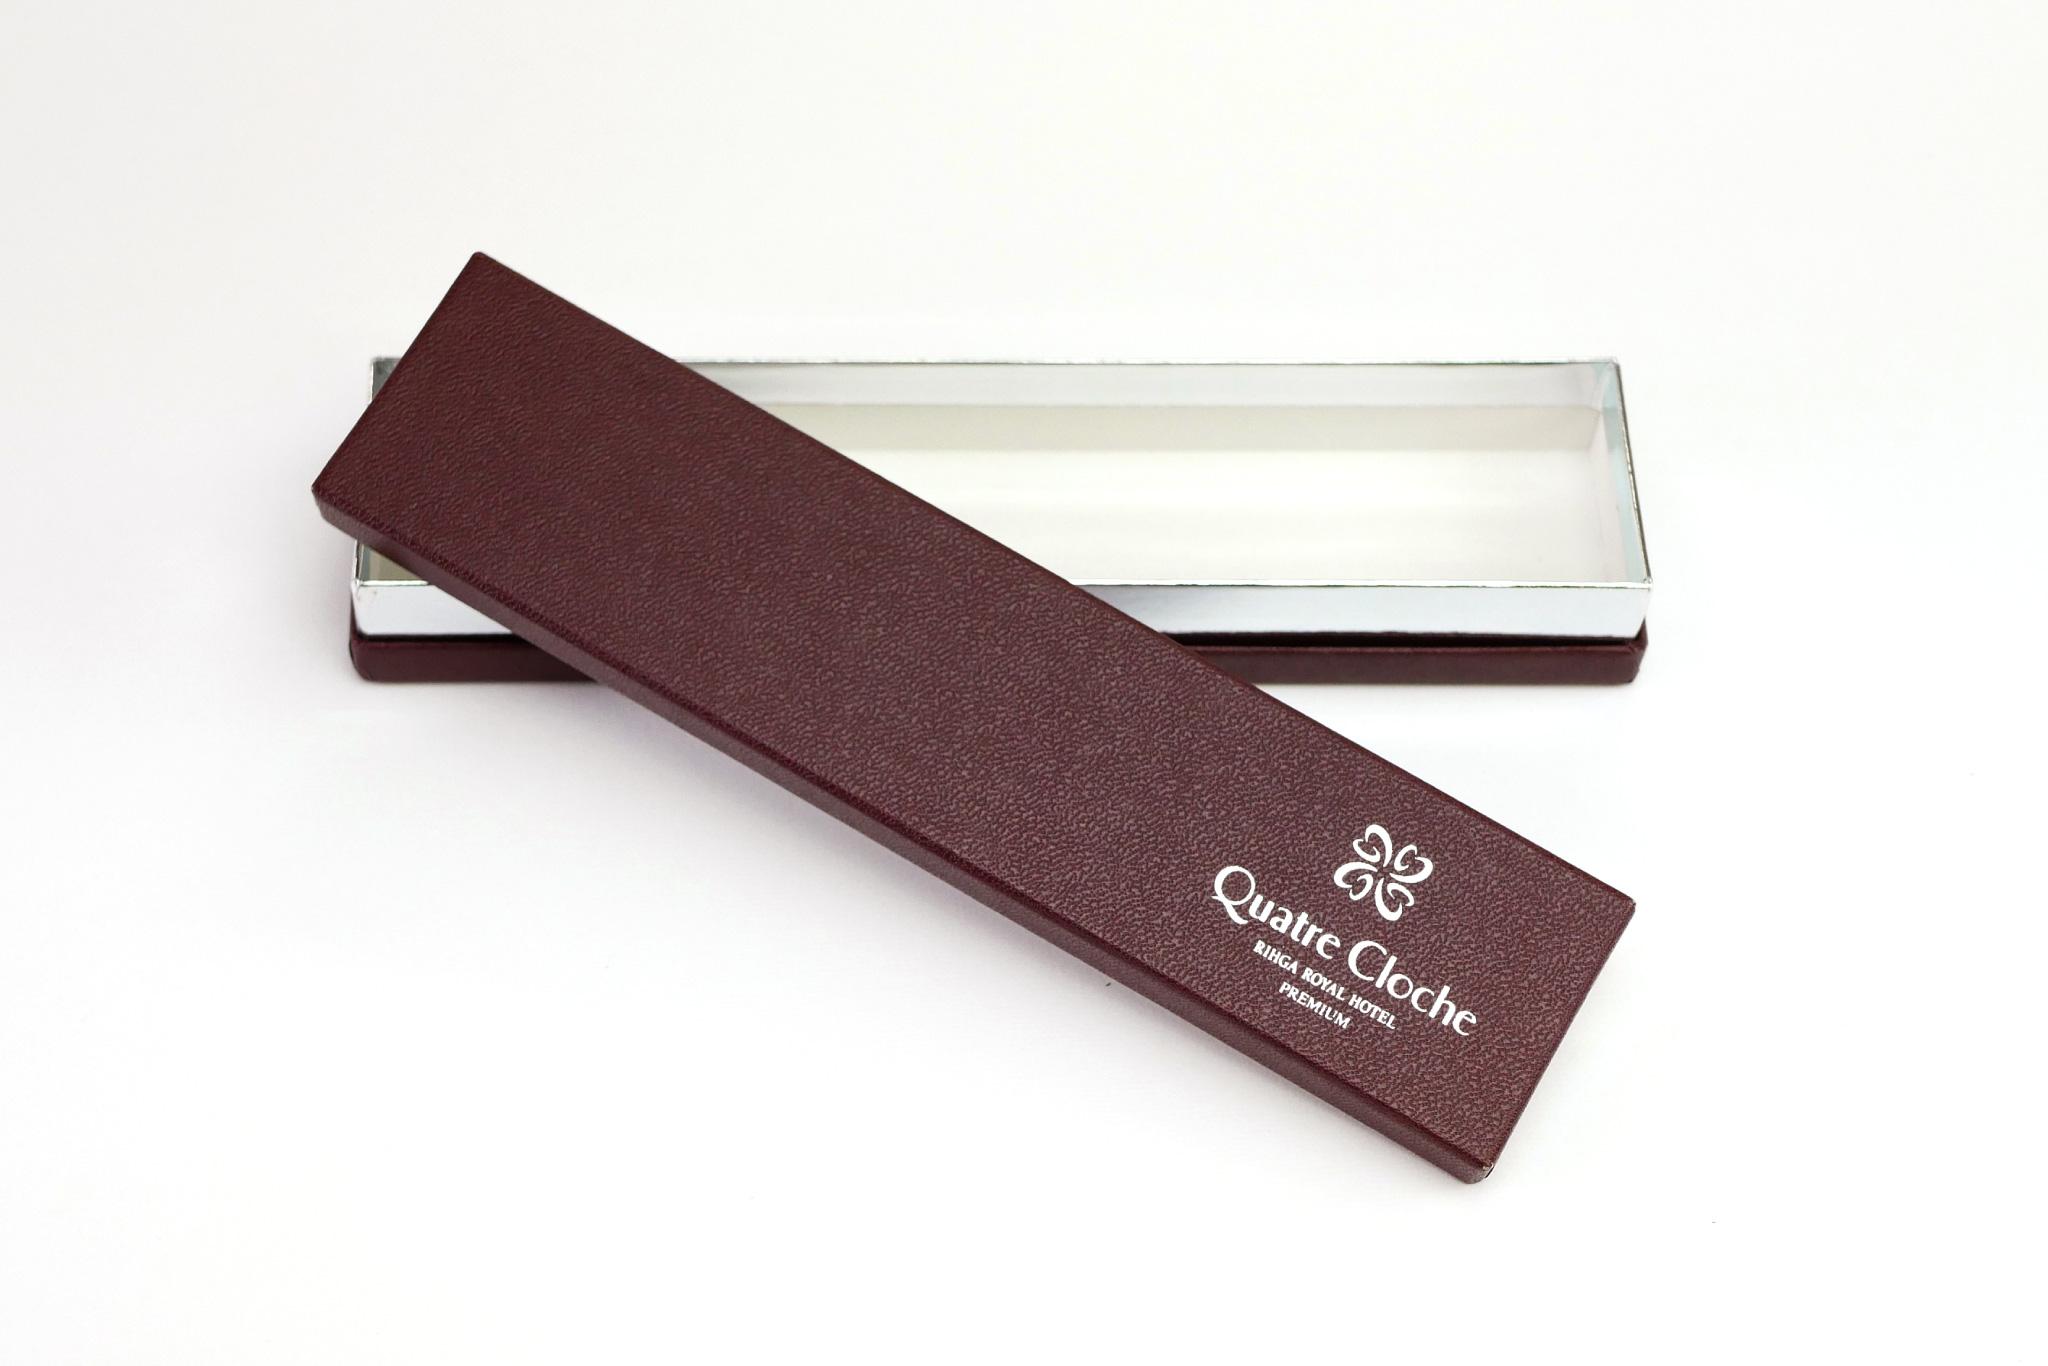 オリジナルパッケージ|貼箱|身フタ|印籠式